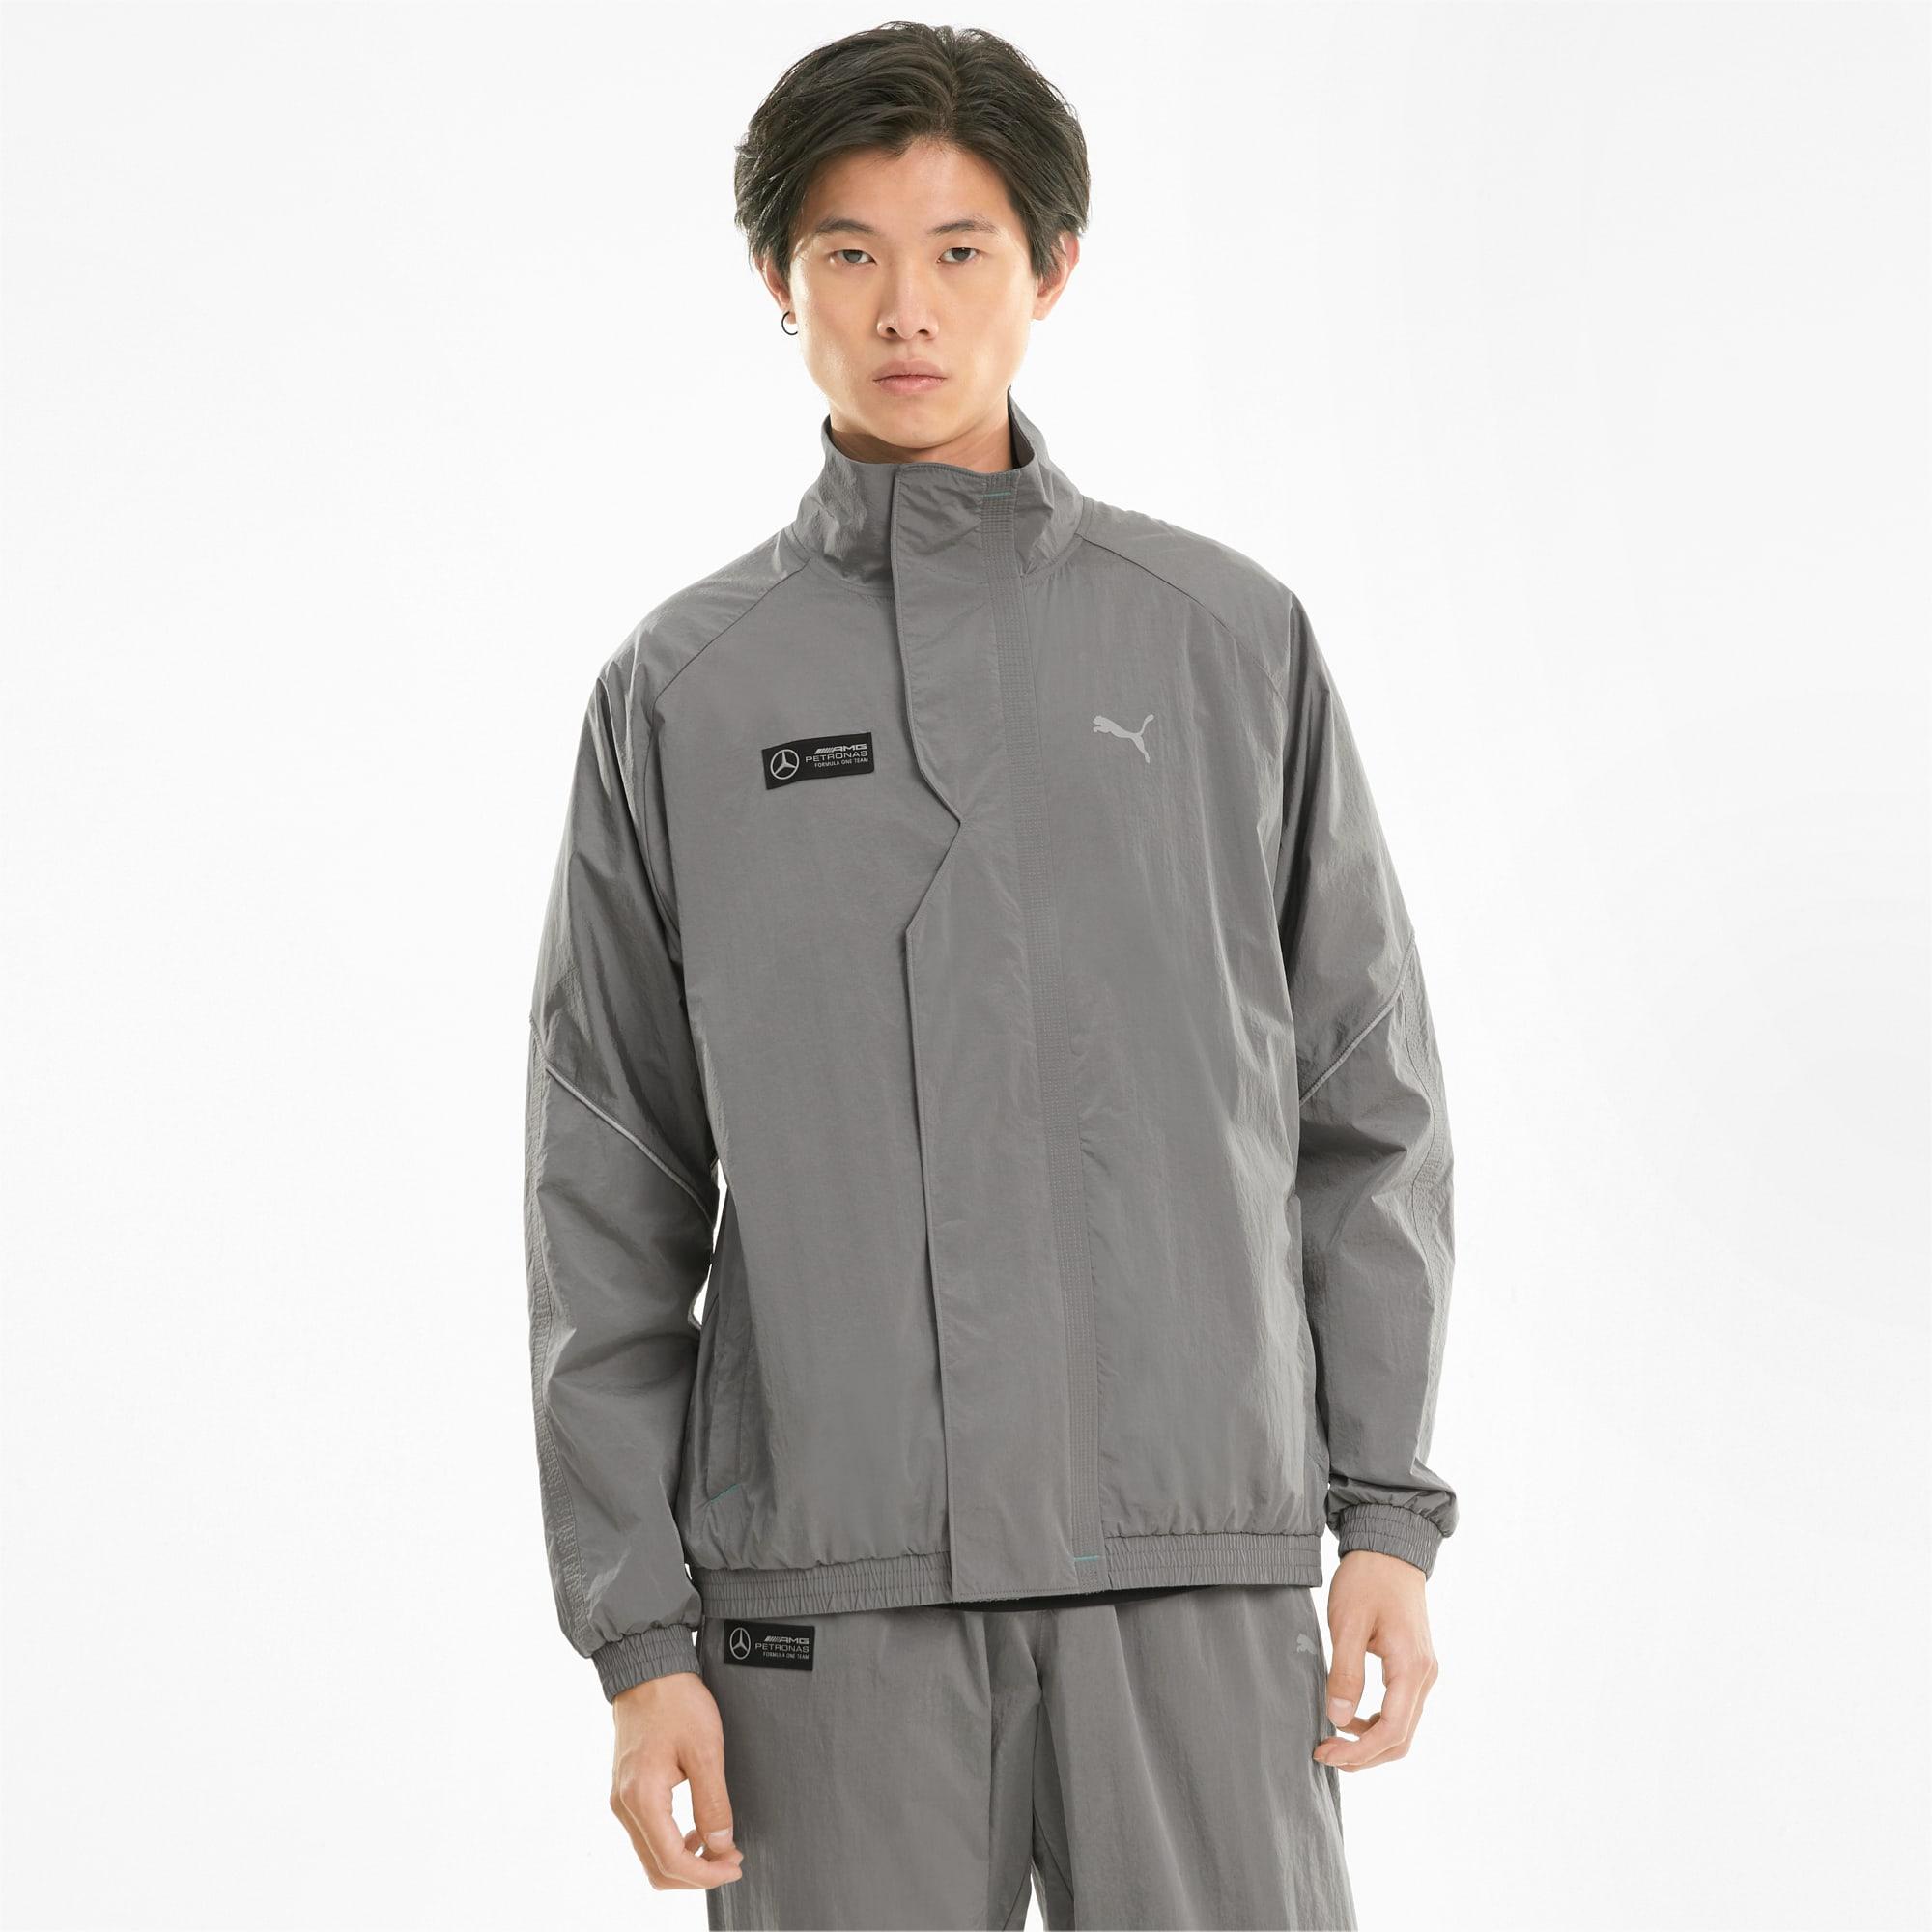 Mercedes-AMG Petronas F1 Street Men's Woven Jacket